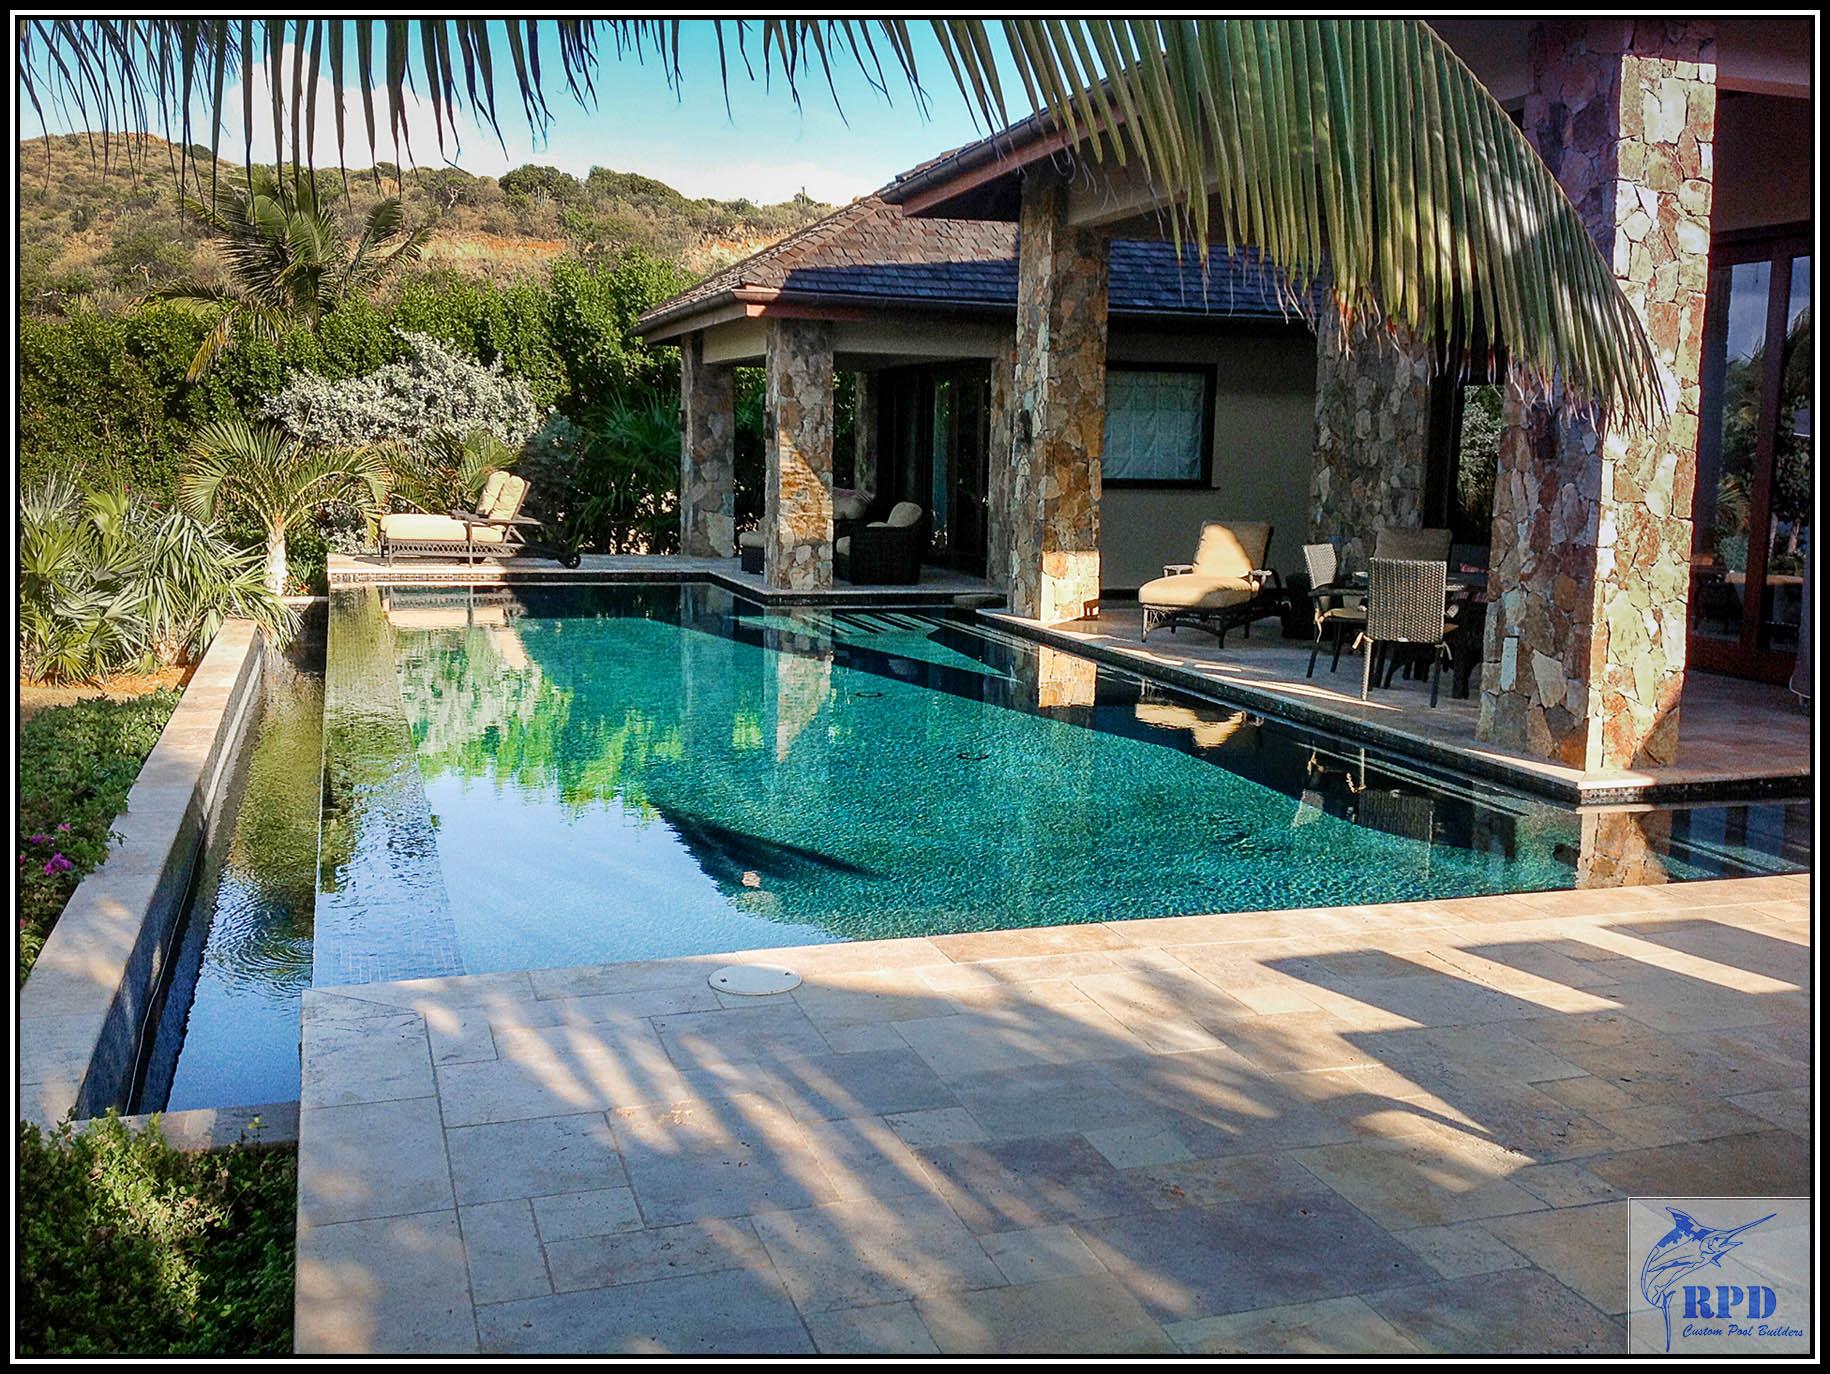 01-©RPD-Virgin-Islands-Resort-Swimming-Pool.jpg